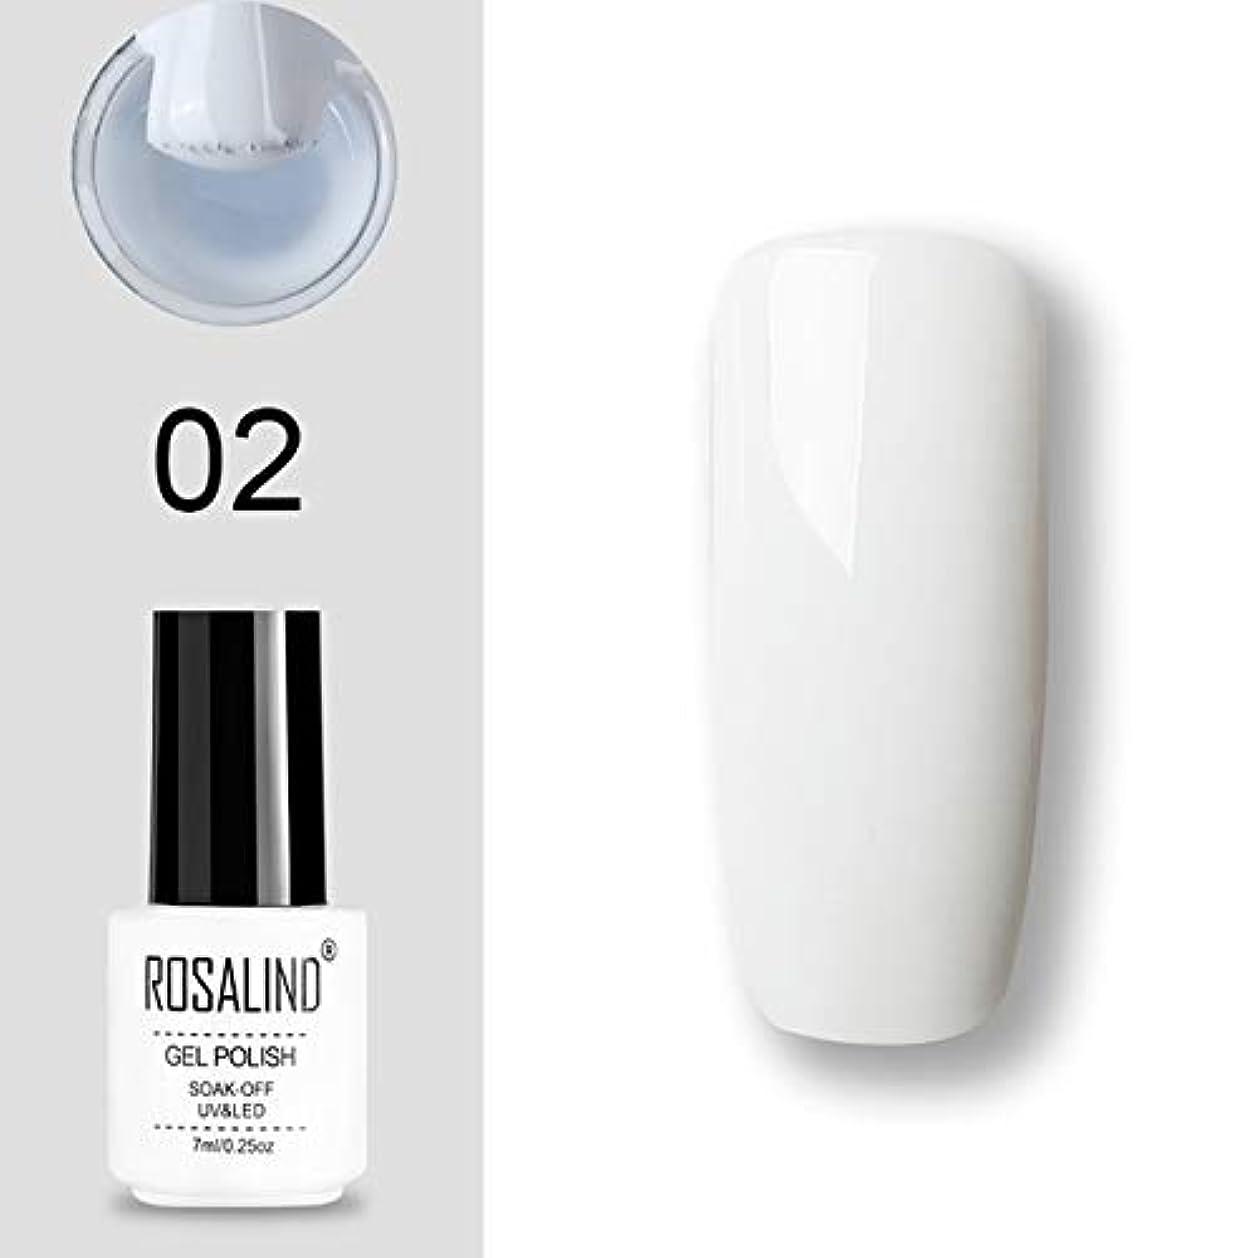 浴室銀アライアンスファッションアイテム ROSALINDジェルポリッシュセットUV半永久プライマートップコートポリジェルニスネイルアートマニキュアジェル、容量:7ミリリットル02ソリッドカラーネイルグルー、 環境に優しいマニキュア